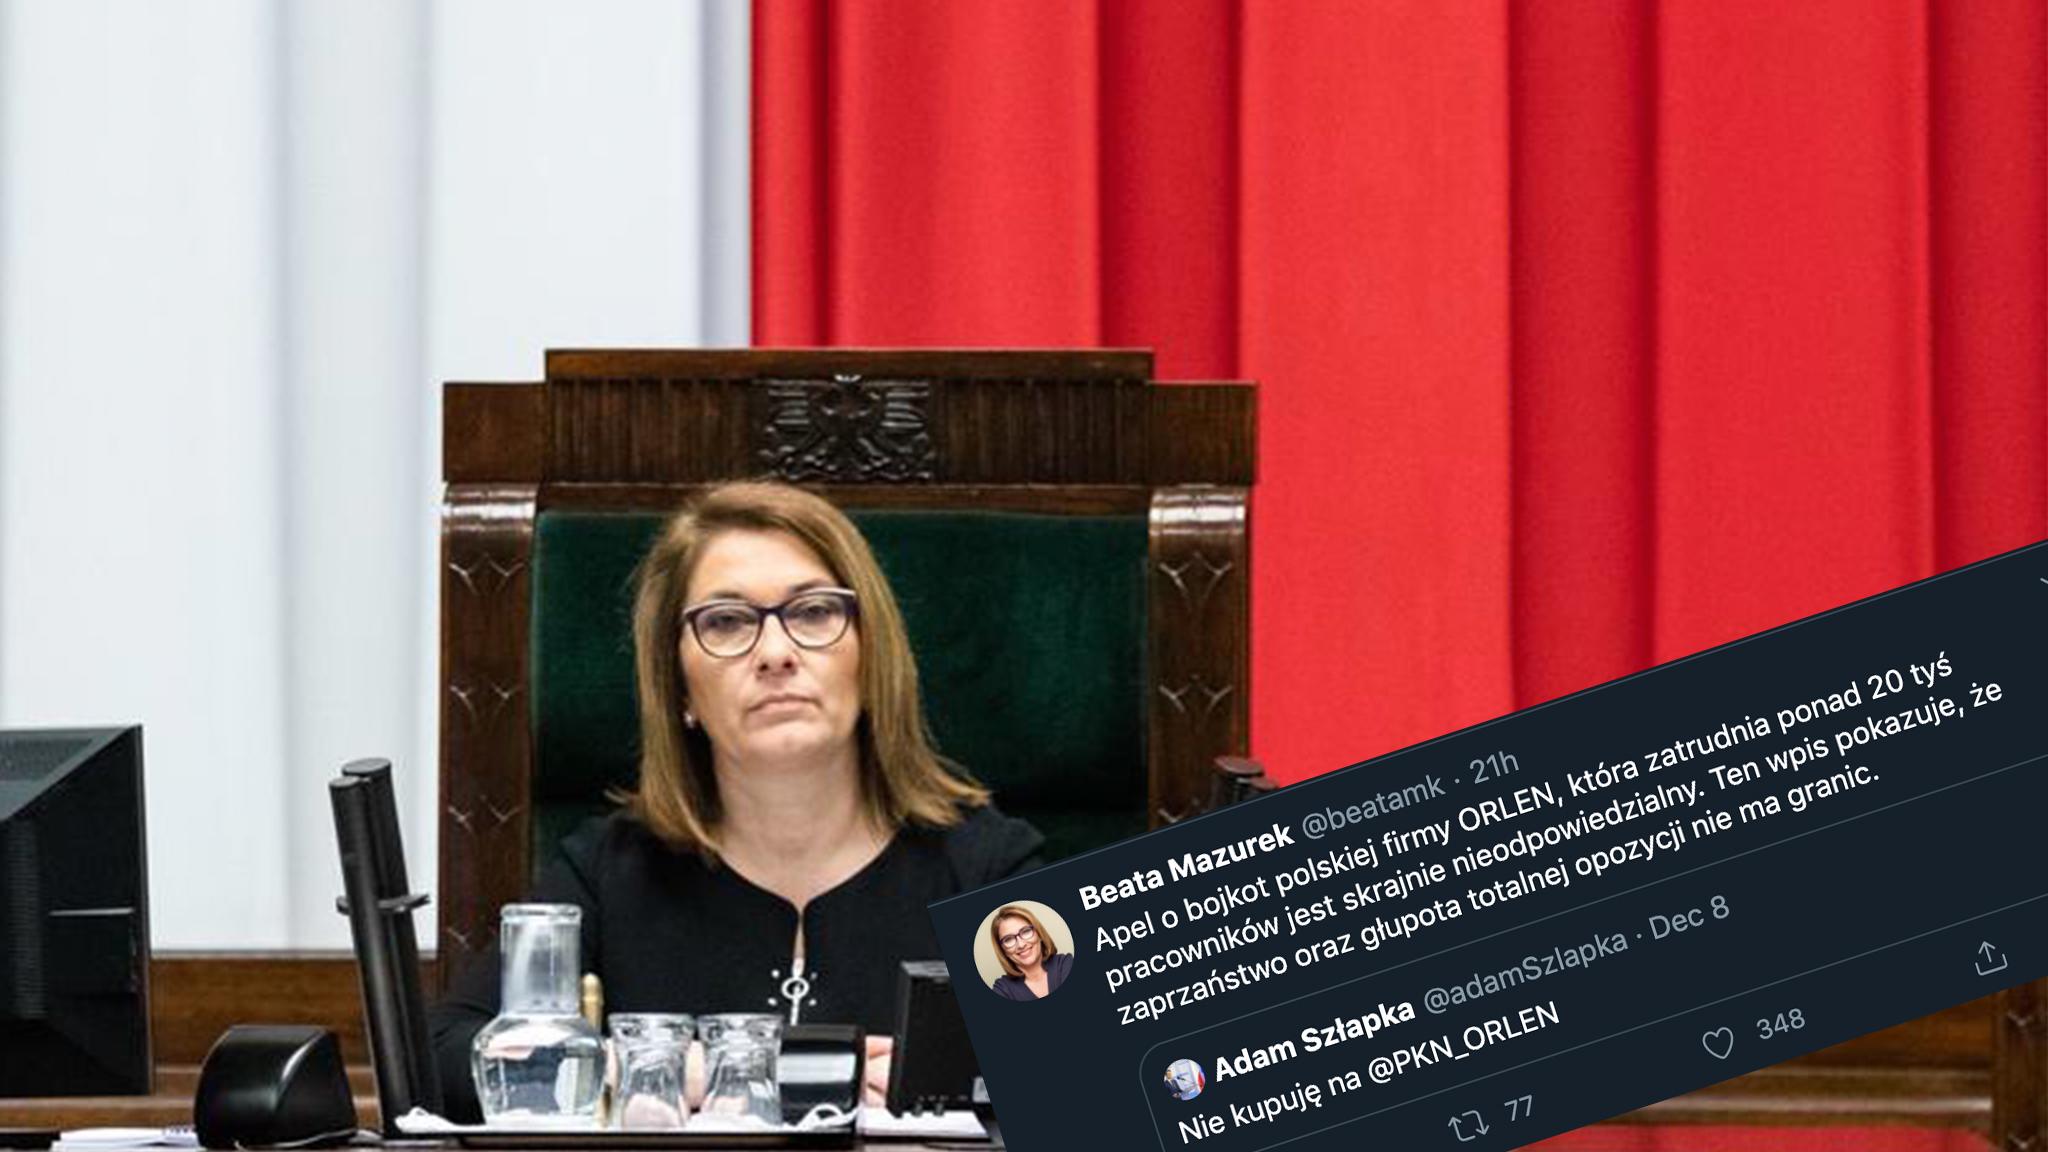 """Bojkot PKN Orlen. Mazurek: """"zaprzaństwo i głupota totalnej opozycji"""""""